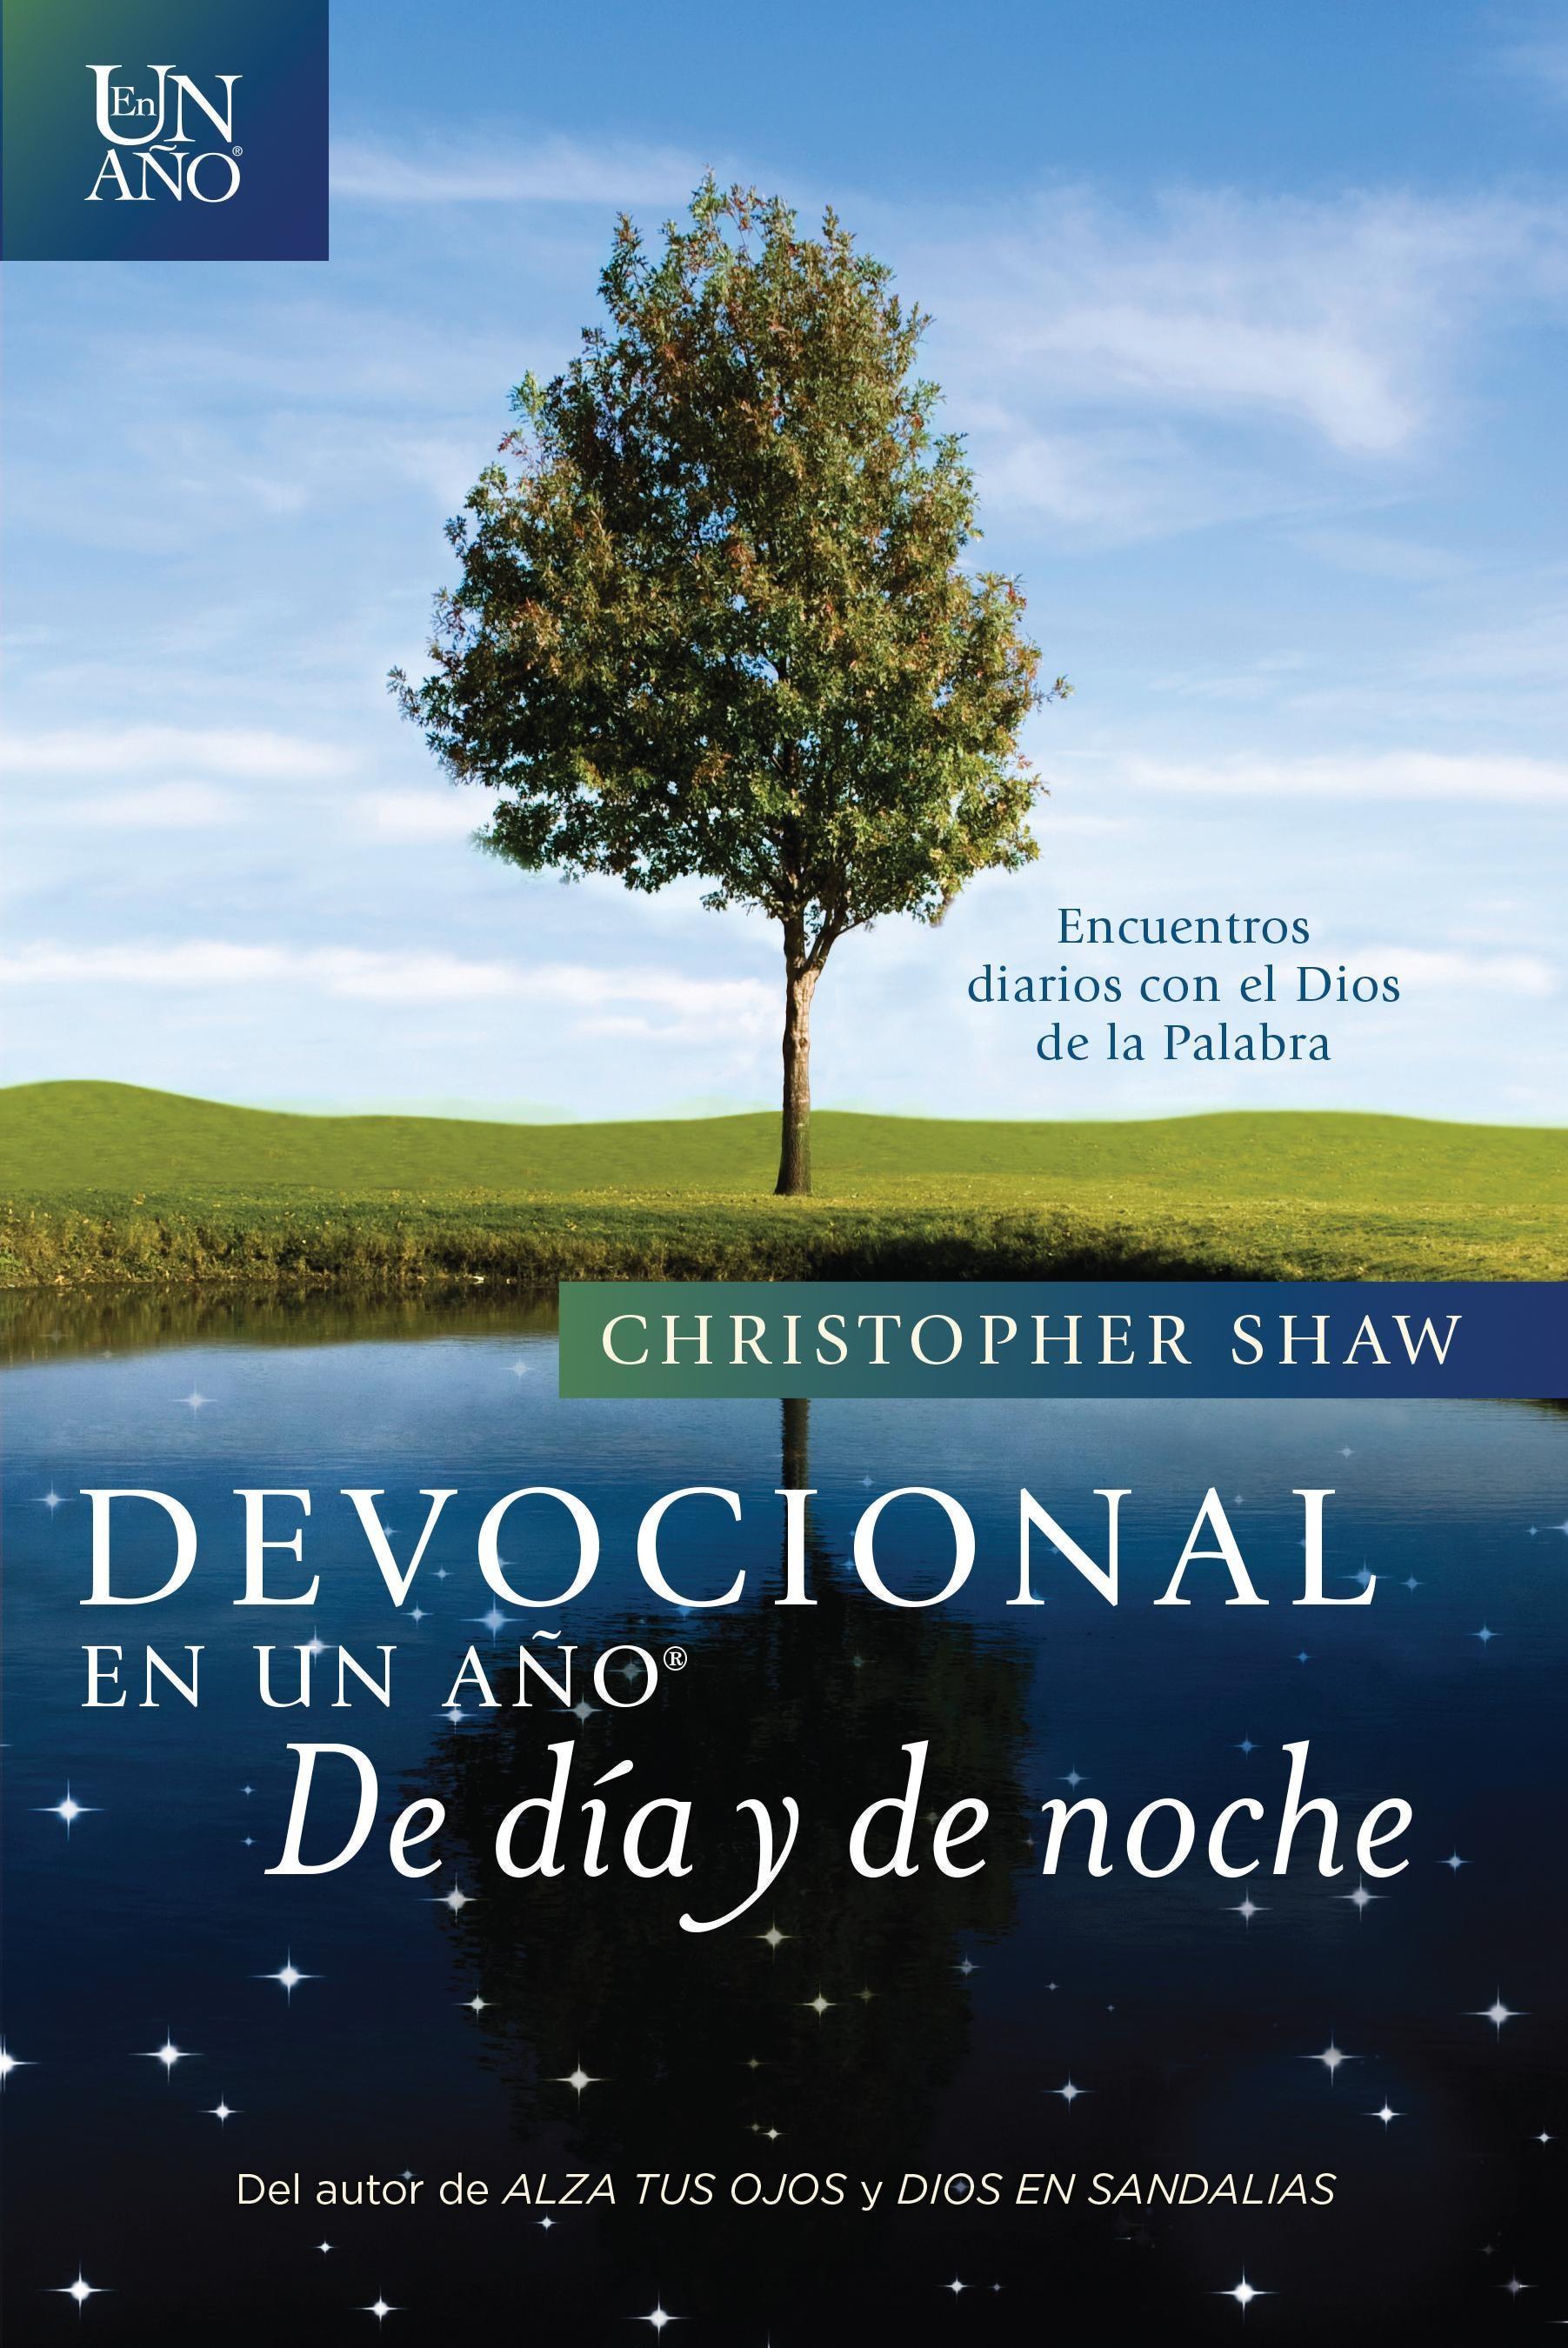 Devocional en un año--De día y de noche: The One Year Day and Night Devotional